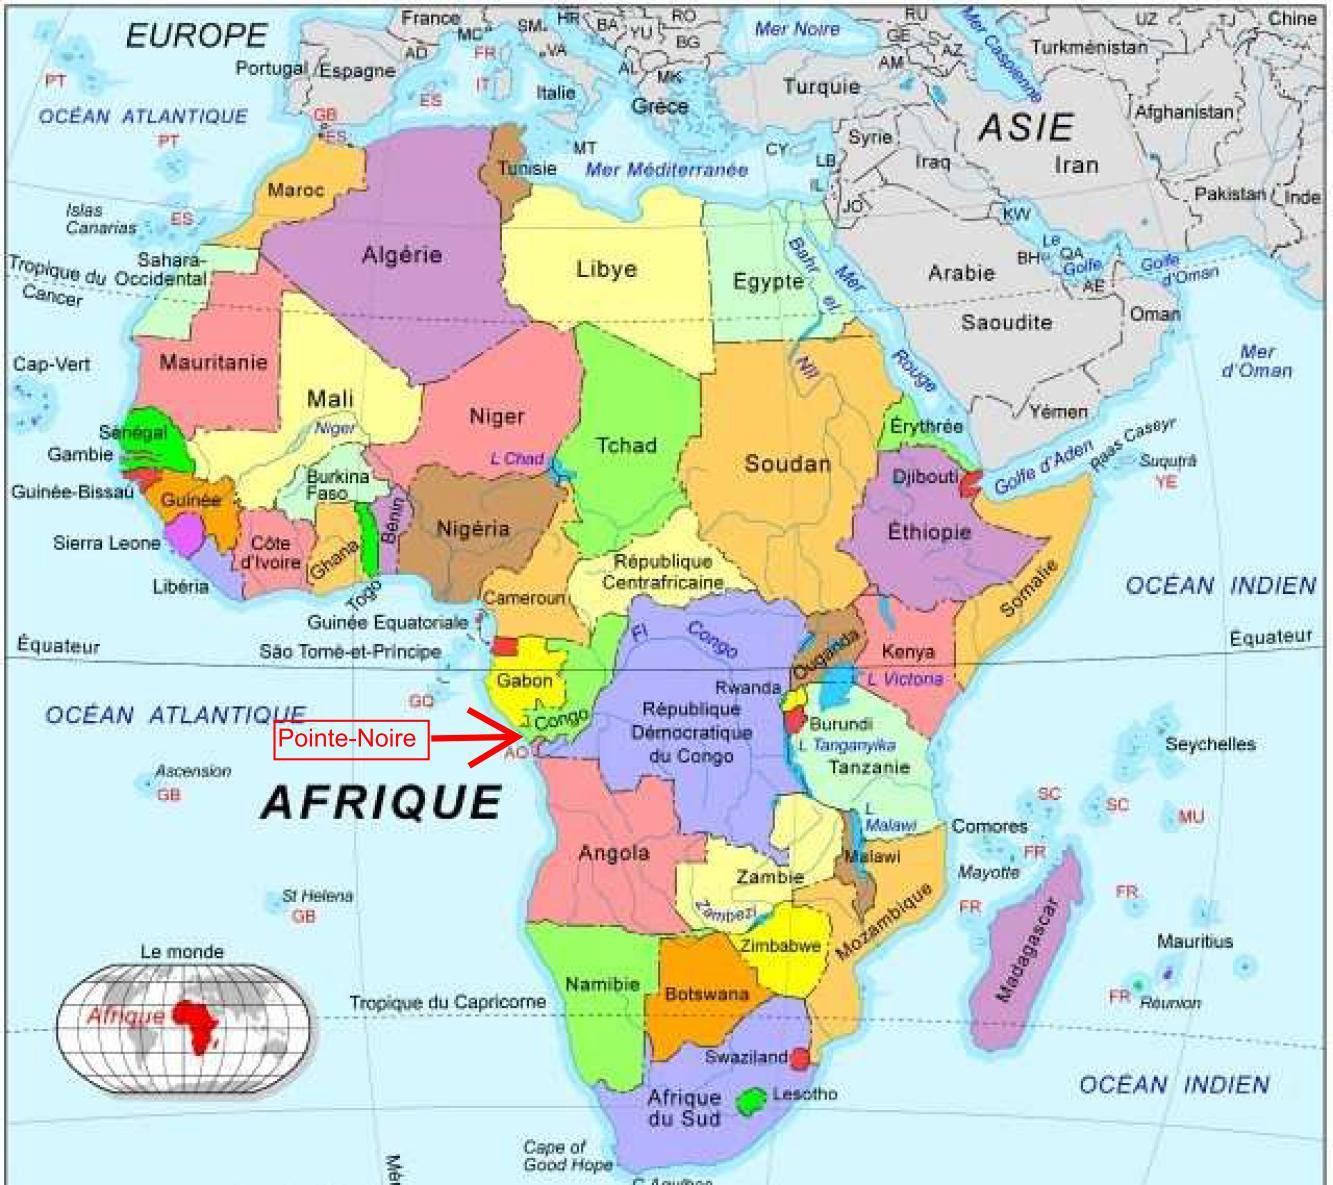 Pointe Noire Carte » Vacances - Arts- Guides Voyages concernant Ou Se Trouve Le Nil